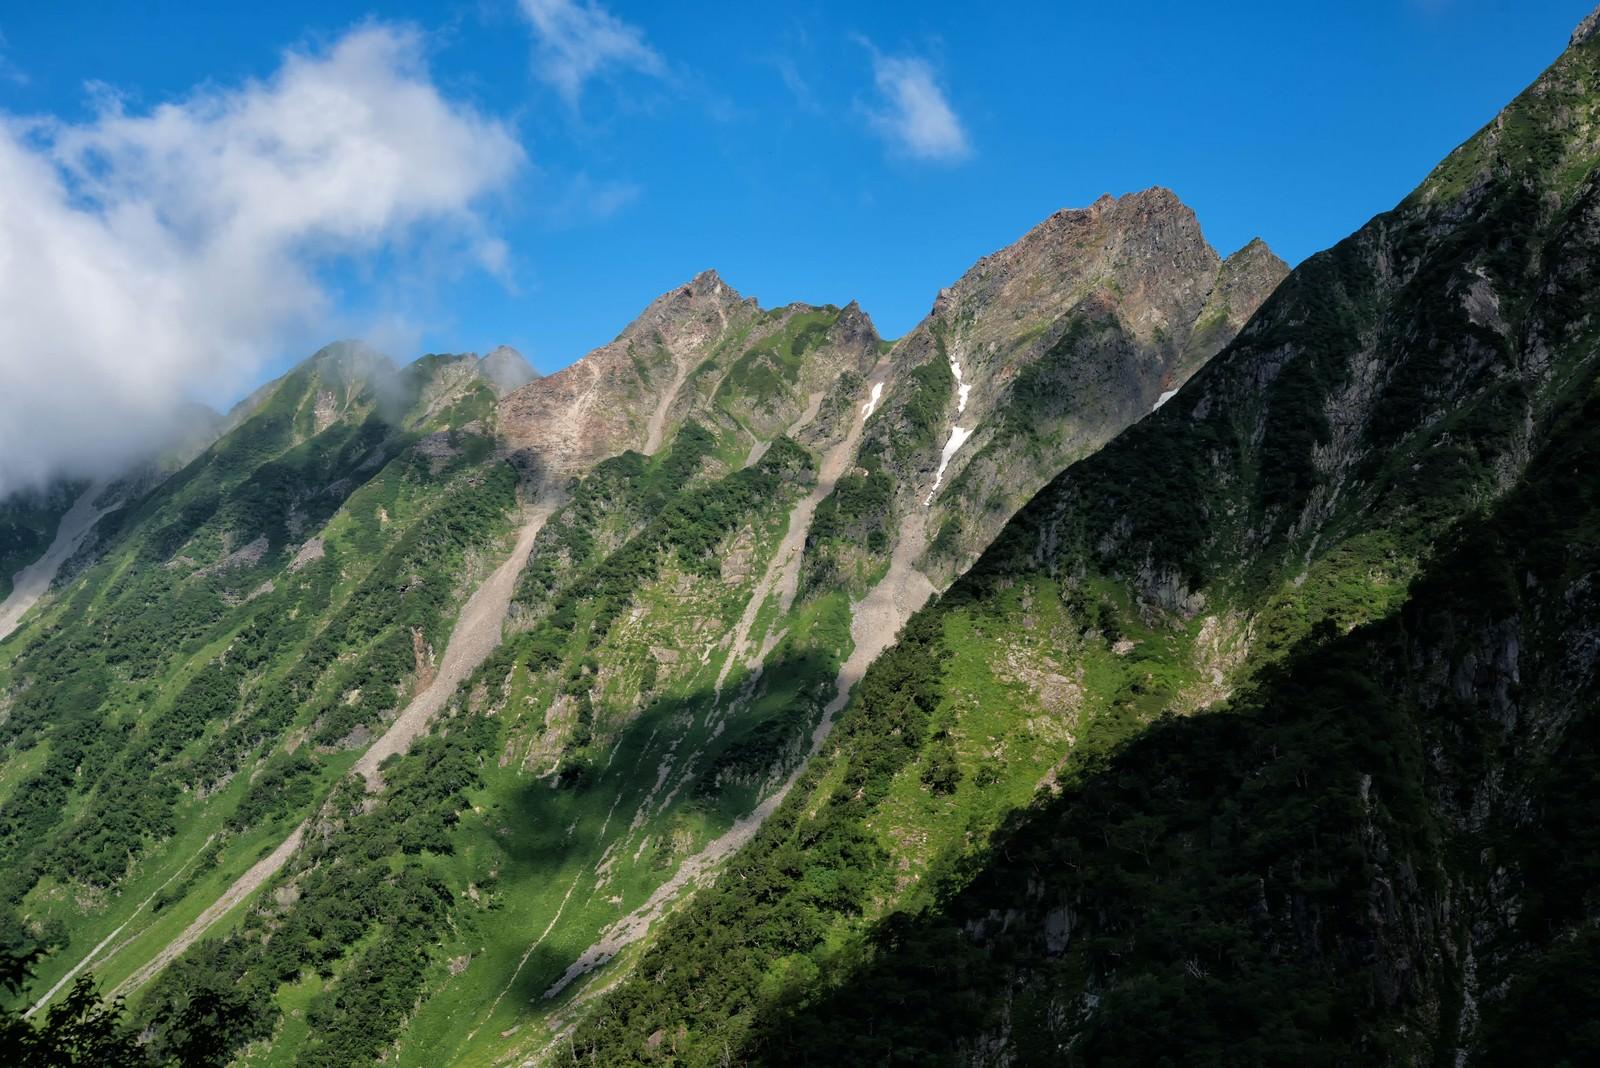 「切れ落ちた西穂高岳の稜線」の写真